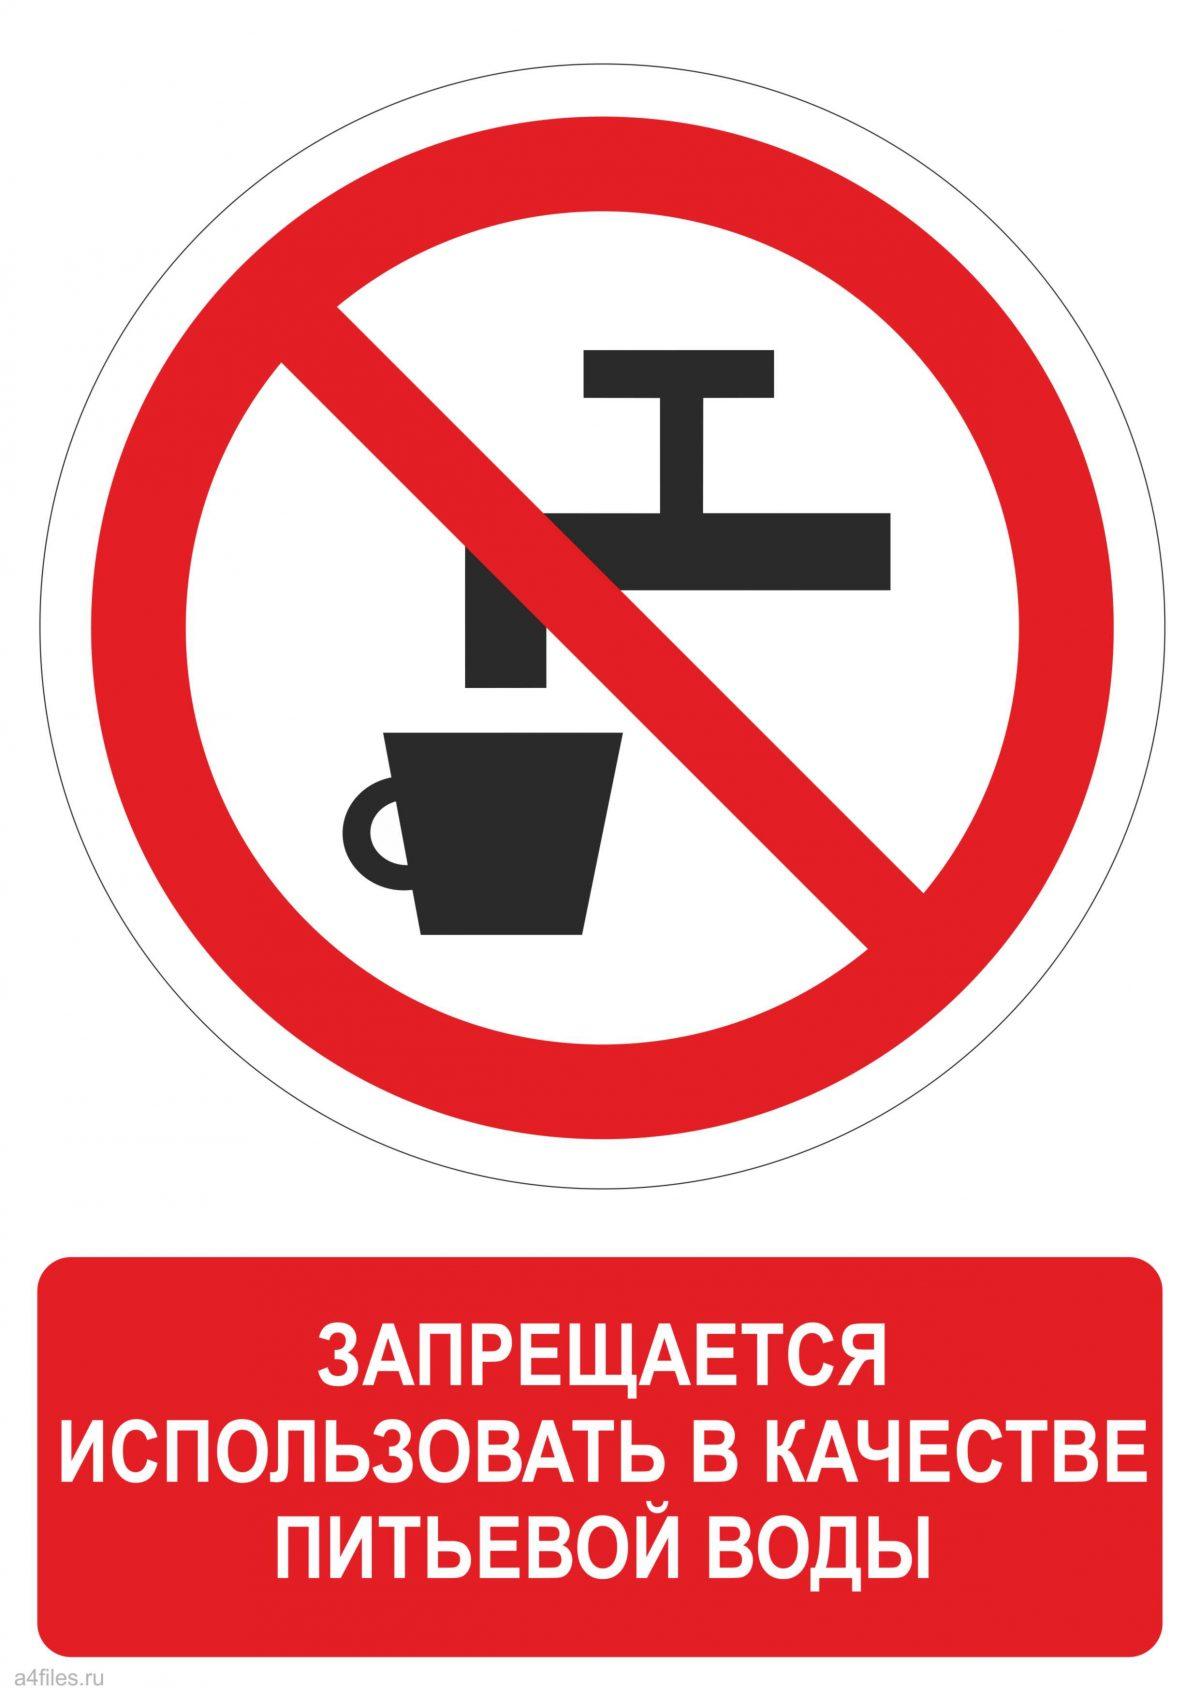 Знак запрещающий использовать в качестве питьевой воды